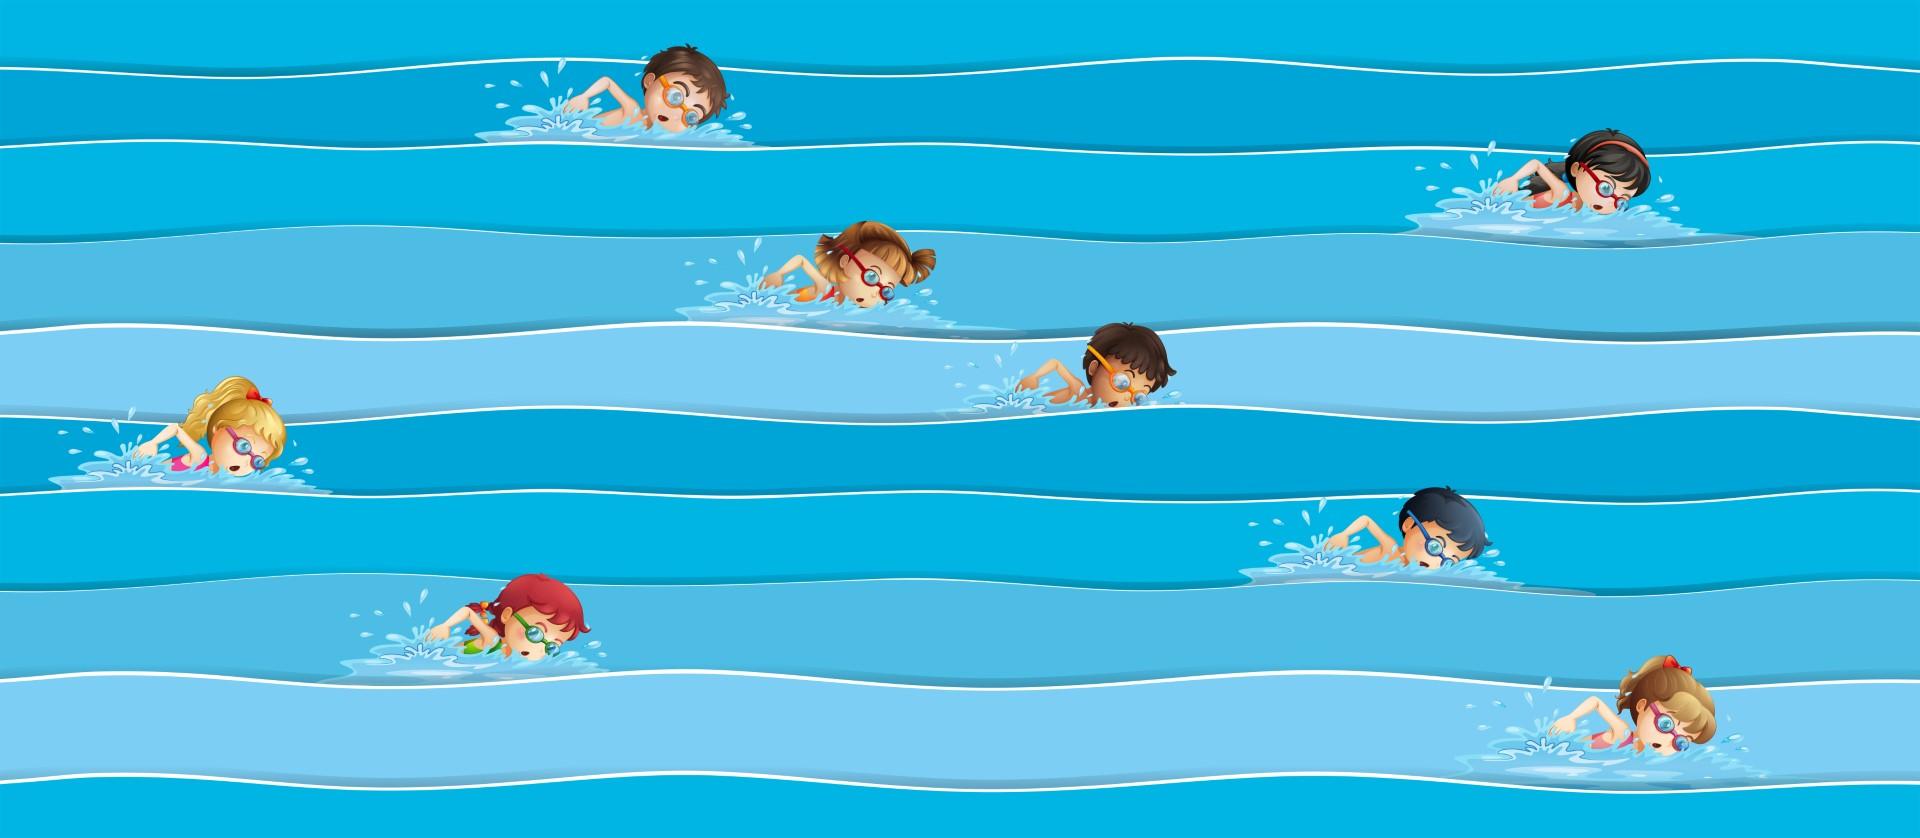 Vanaf 19 mei '21 weer banenzwemmen!